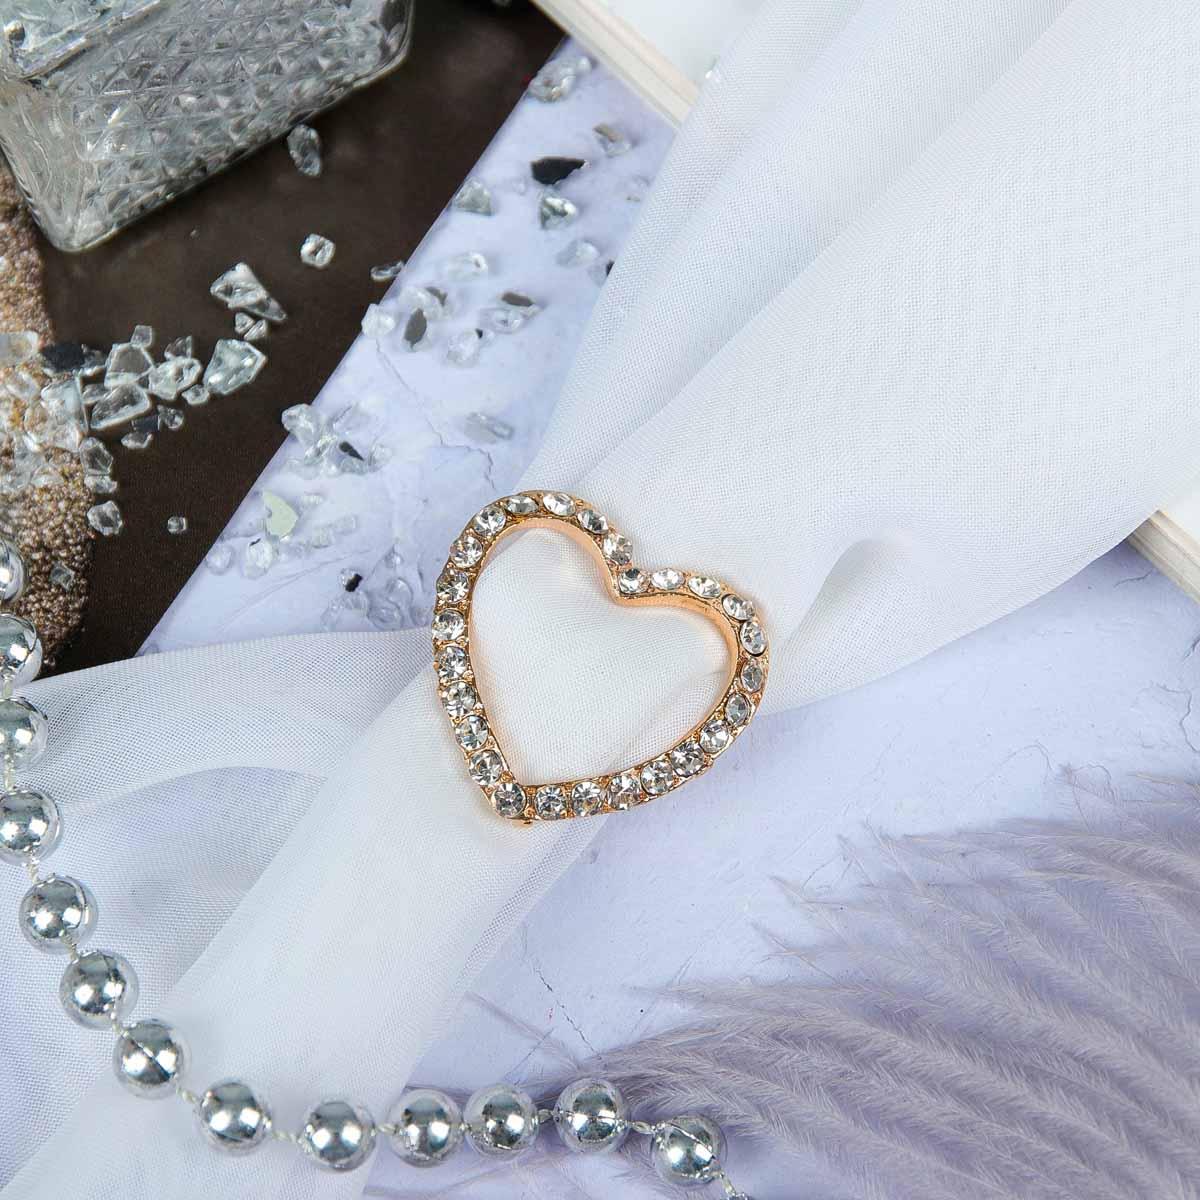 3714477 Пряжка для платка 'Сердце', цвет белый в золоте